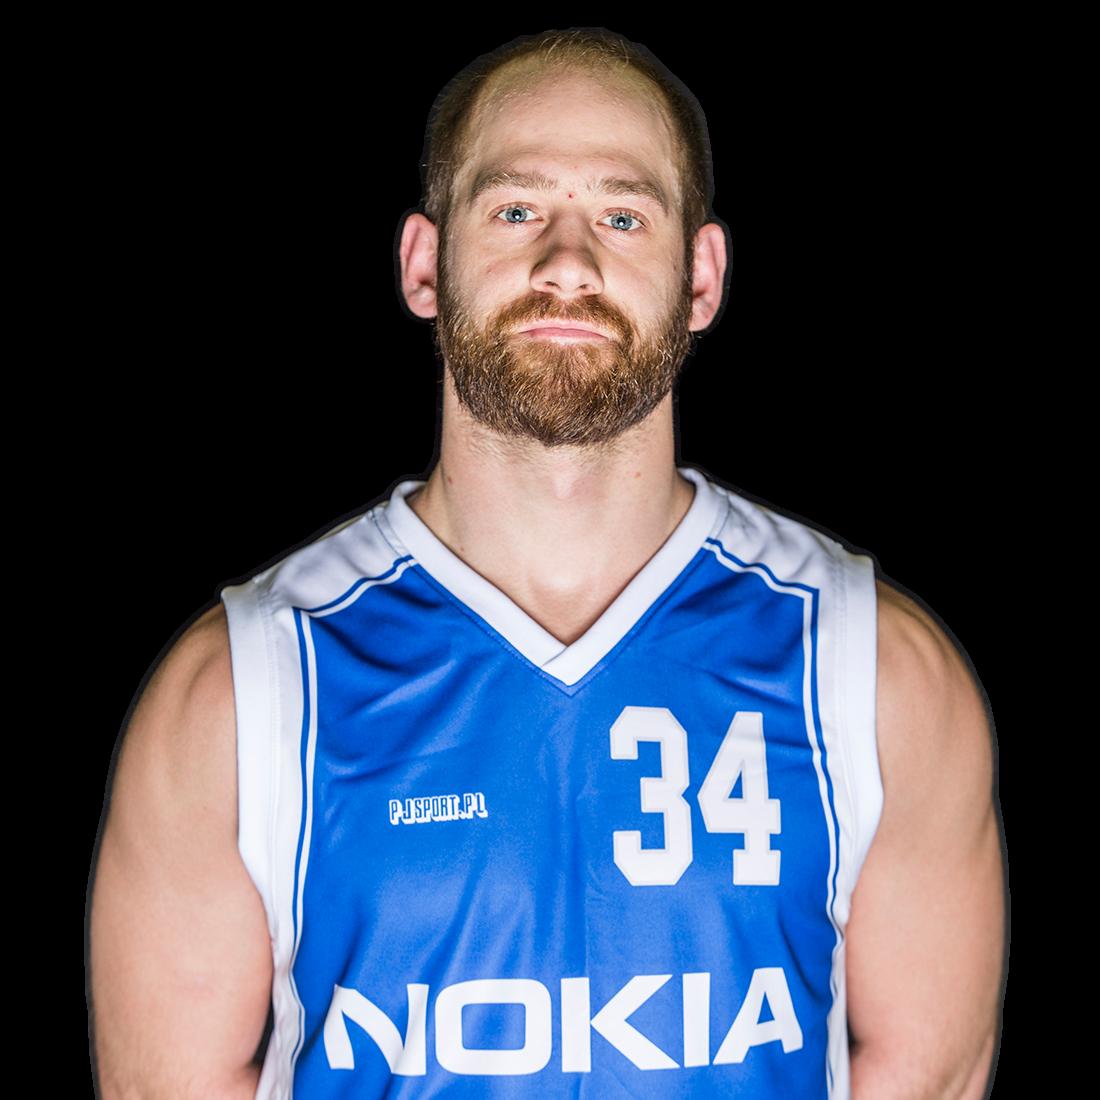 Piotr Kleszcz